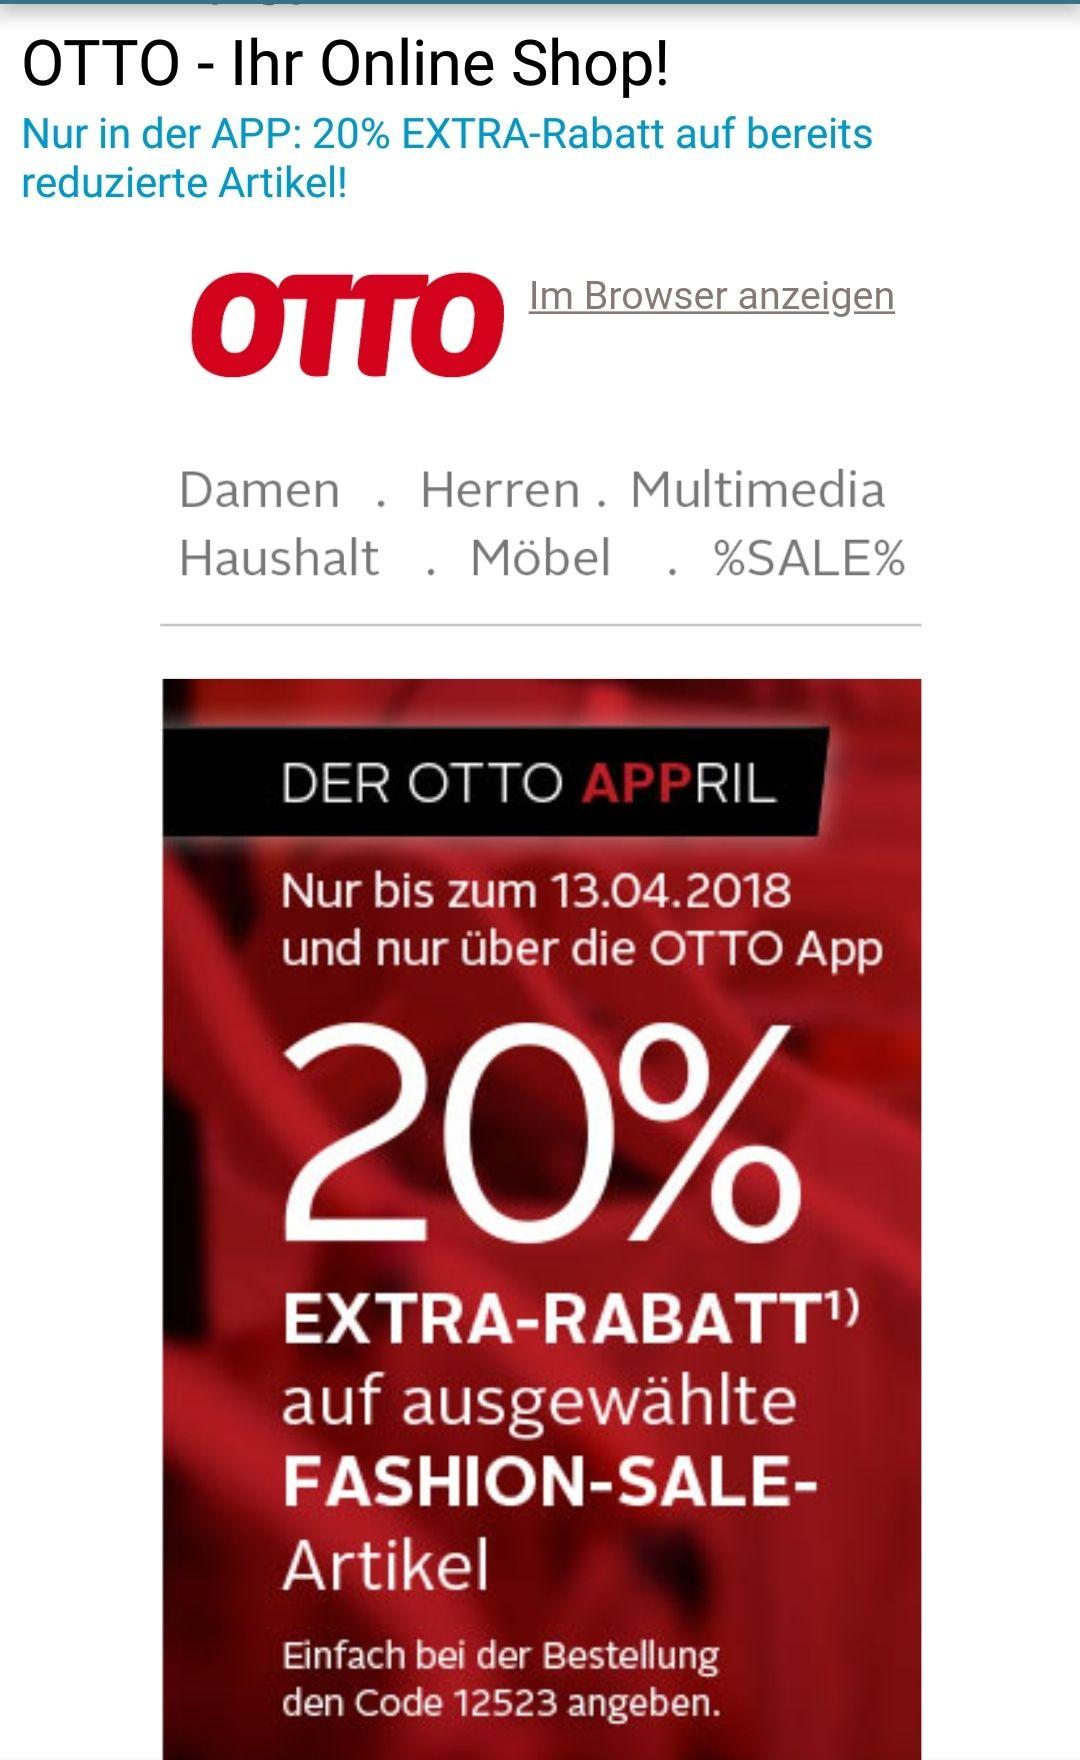 Otto.de APP - 20% extra auf ausgewählte bereits reduzierte Fashion